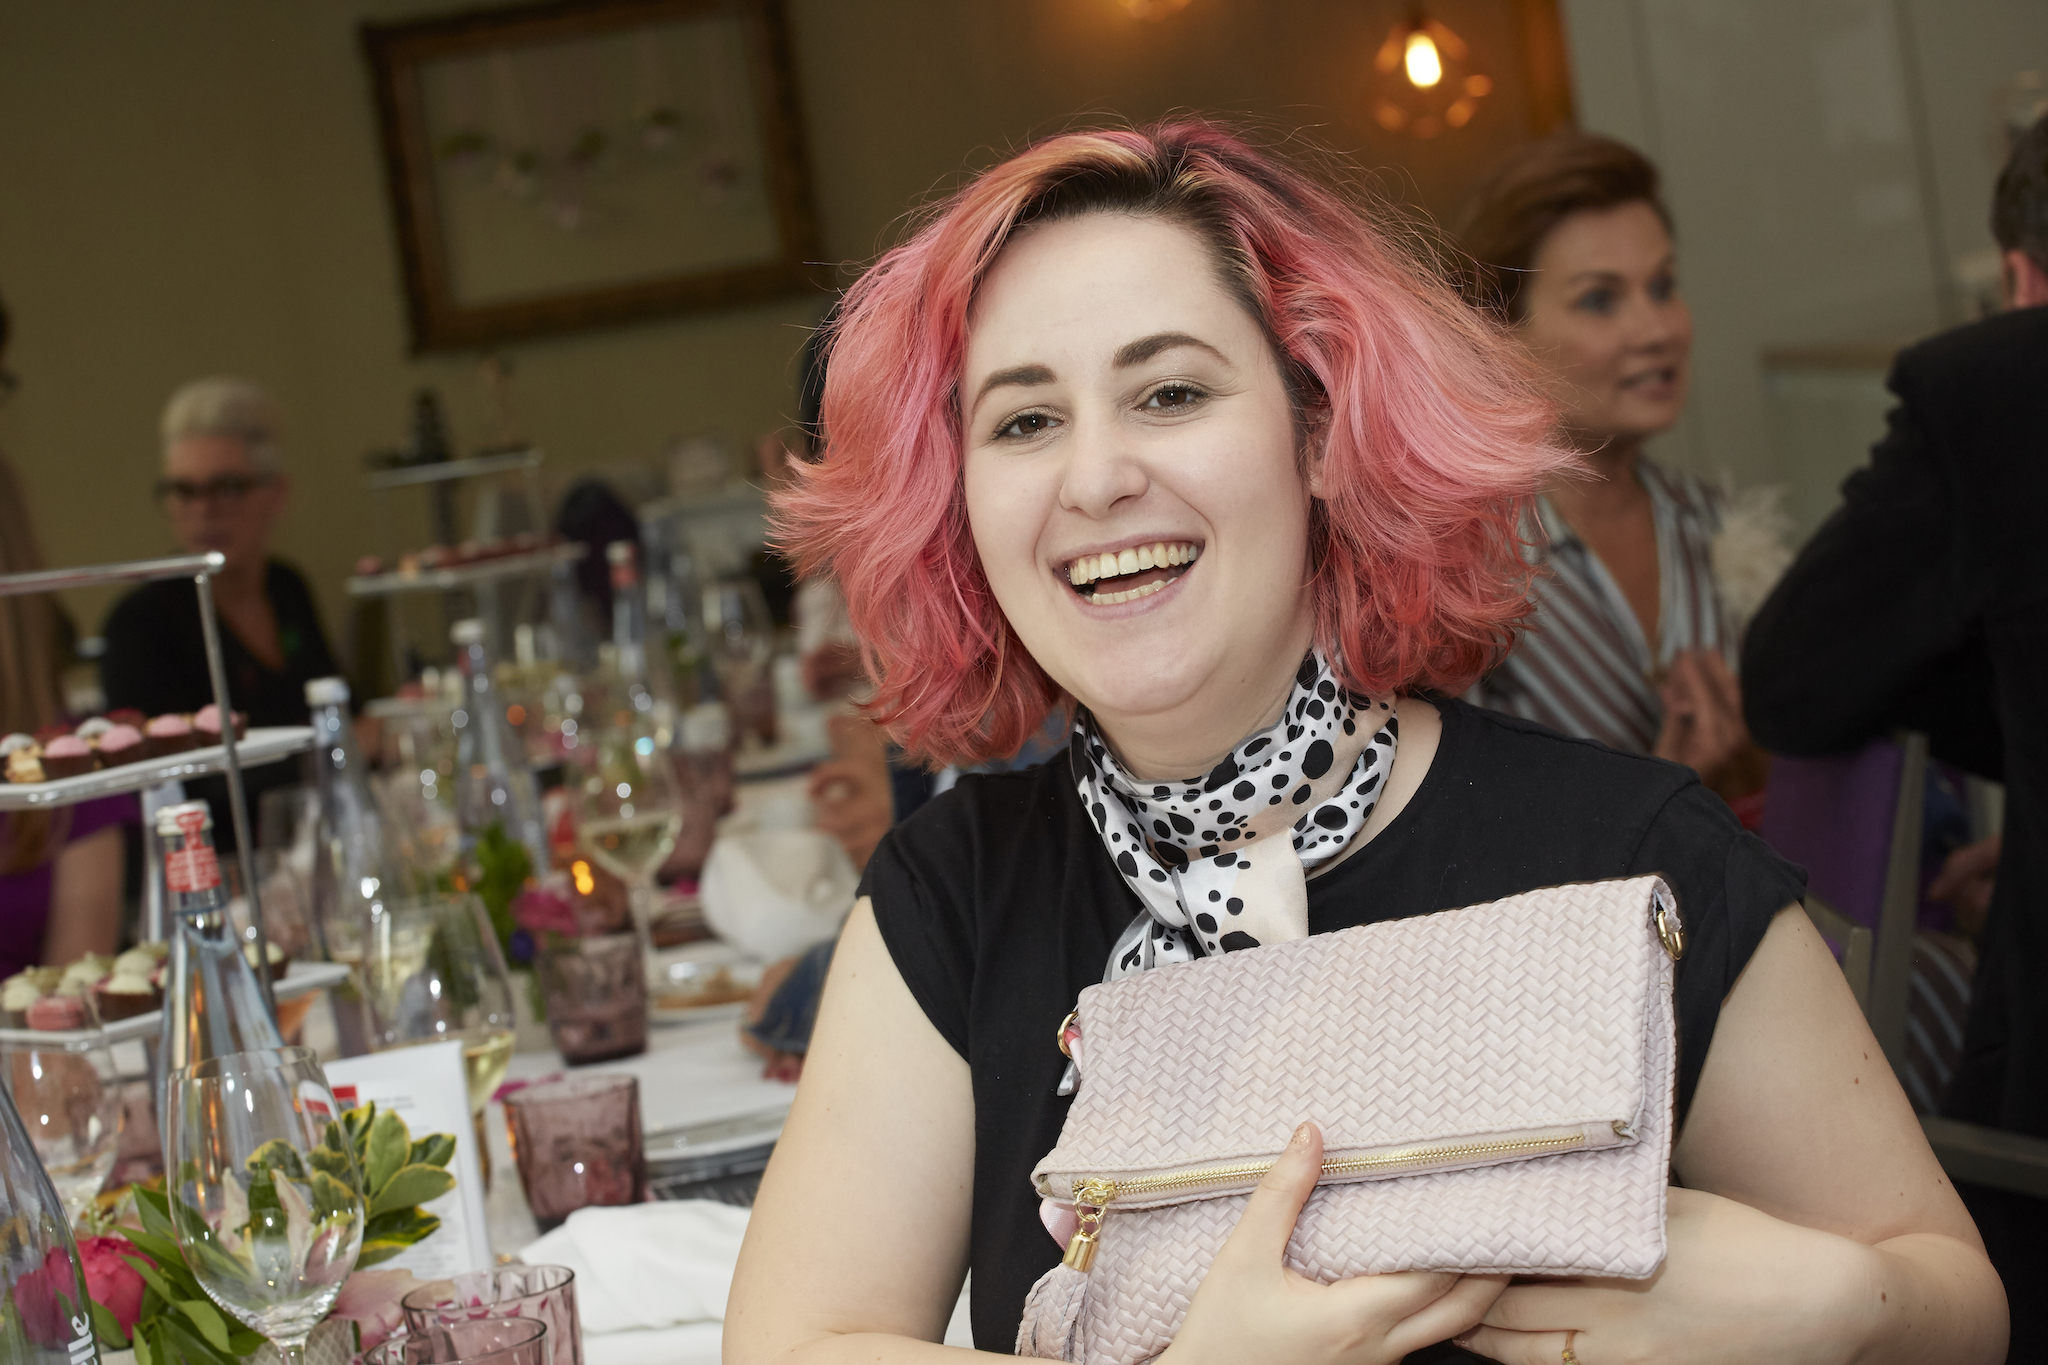 Stella Achenbach Designerin, Herzwerk Ladies Lunch, Lifestsyle Blog, Lieblingsstil.com,